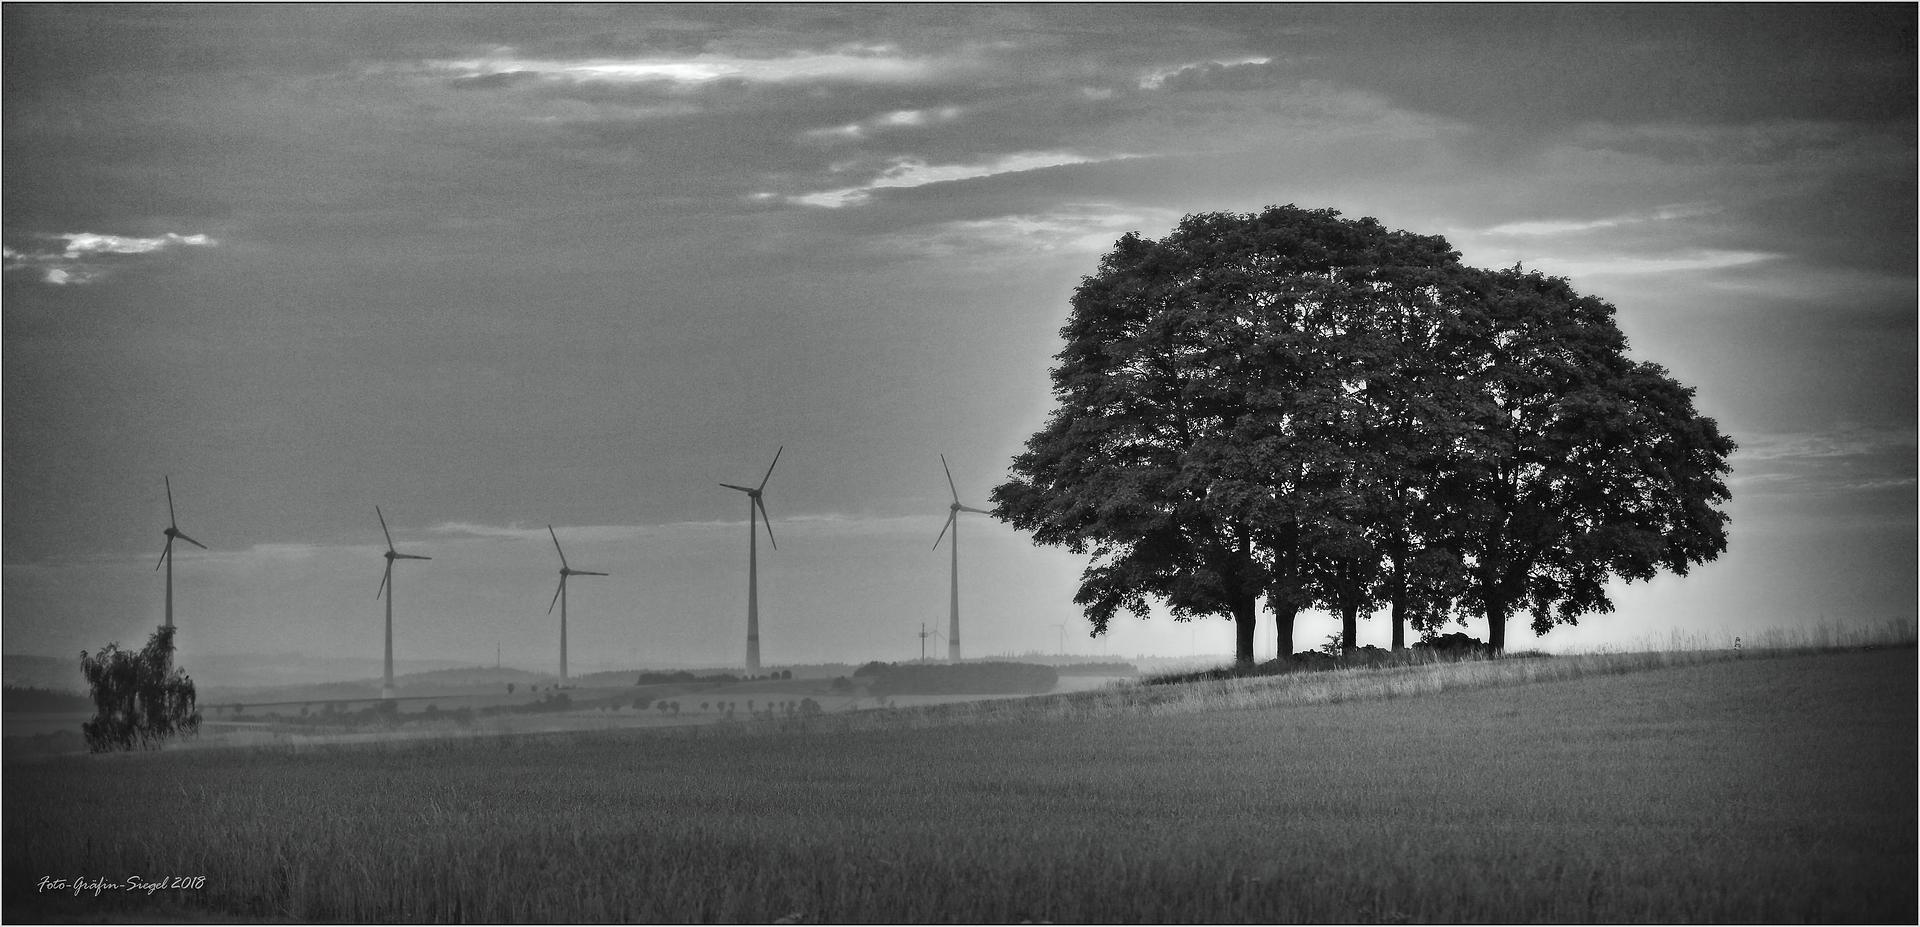 Fünf Windmühlen versus Fünf Bäume ...